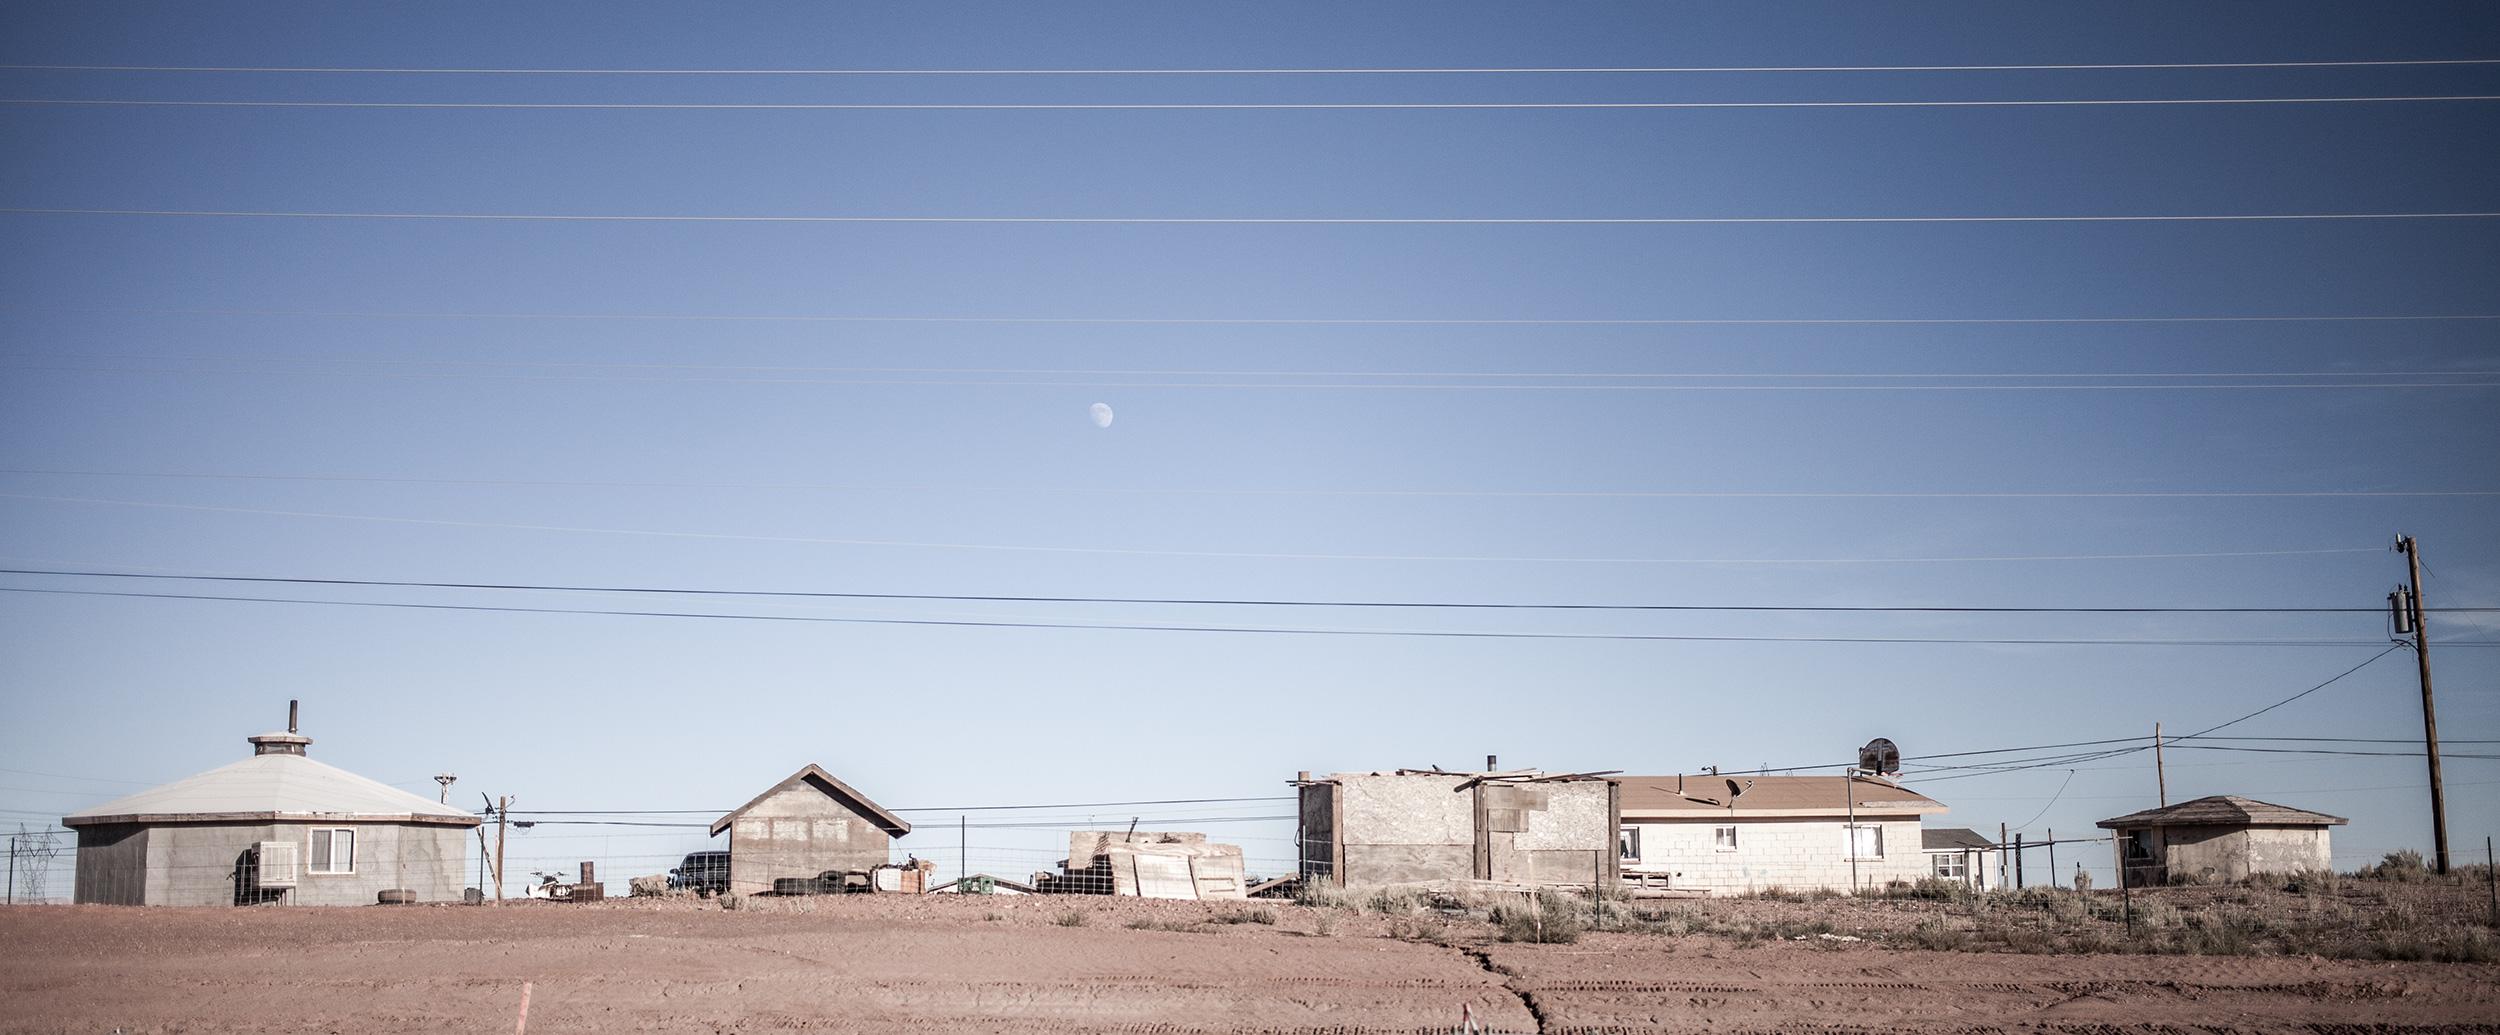 Tuba City 3 - AZ.jpg